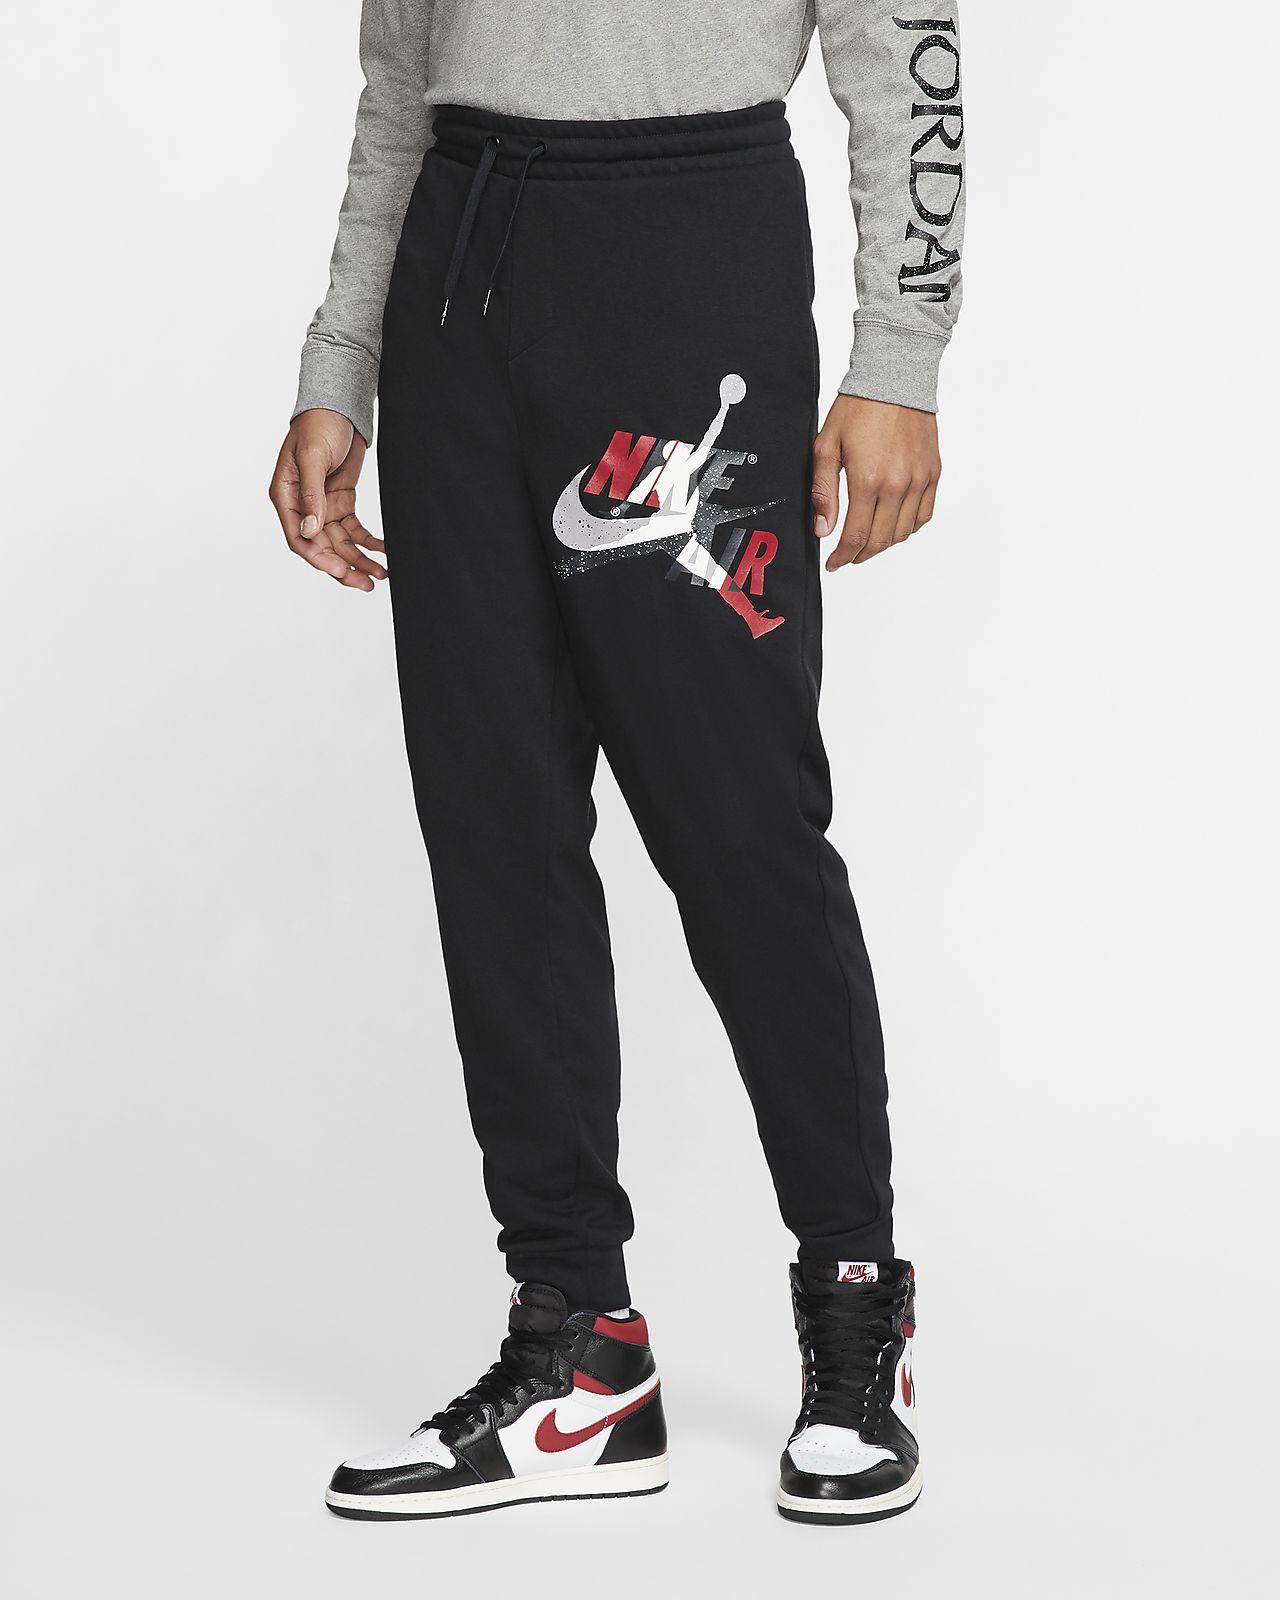 Jordan Jumpman Classics Pantalons de teixit Fleece lleuger - Home